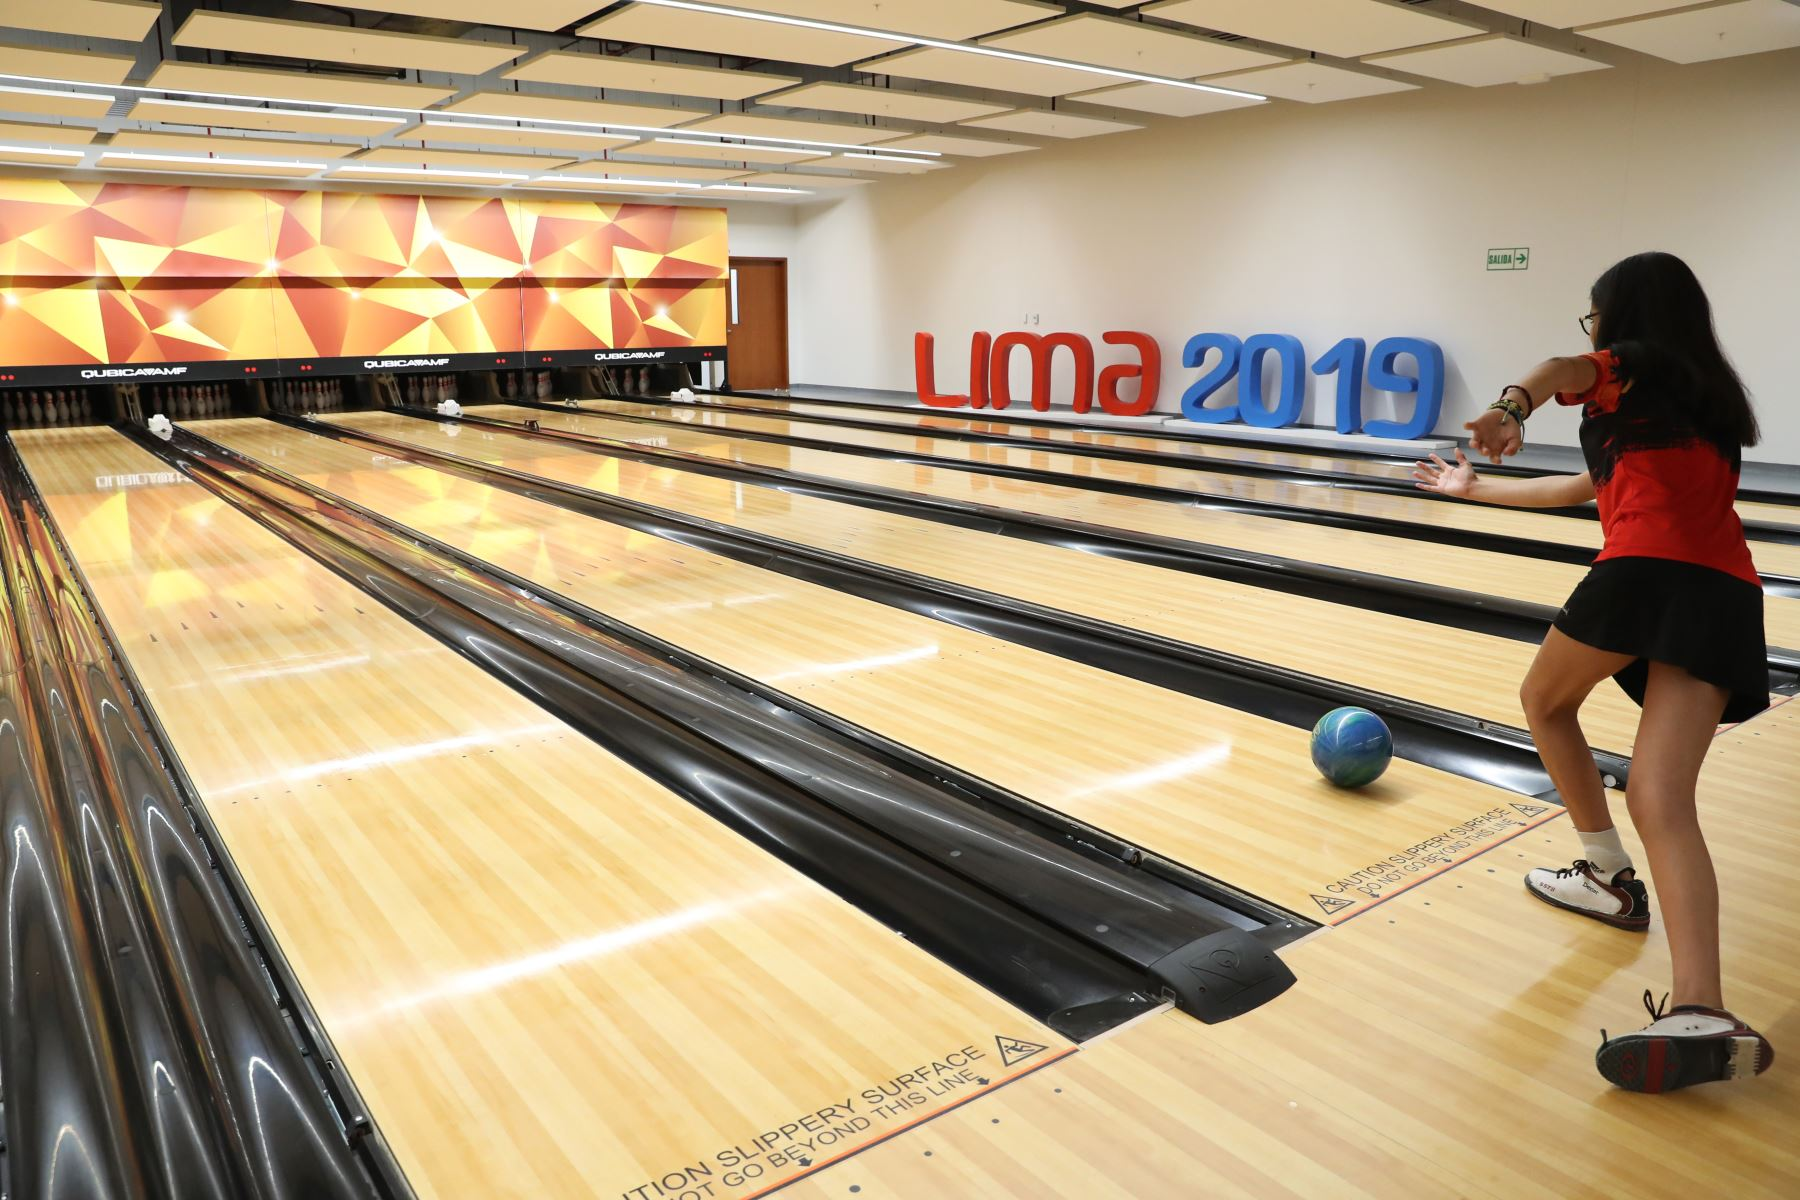 Moderno escenario cuenta con 24 pistas de última generación y recibirá a los mejores 64 jugadores de Bowling en los Juegos Panamericanos Lima 2019 . Foto: ANDINA/Melina Mejía